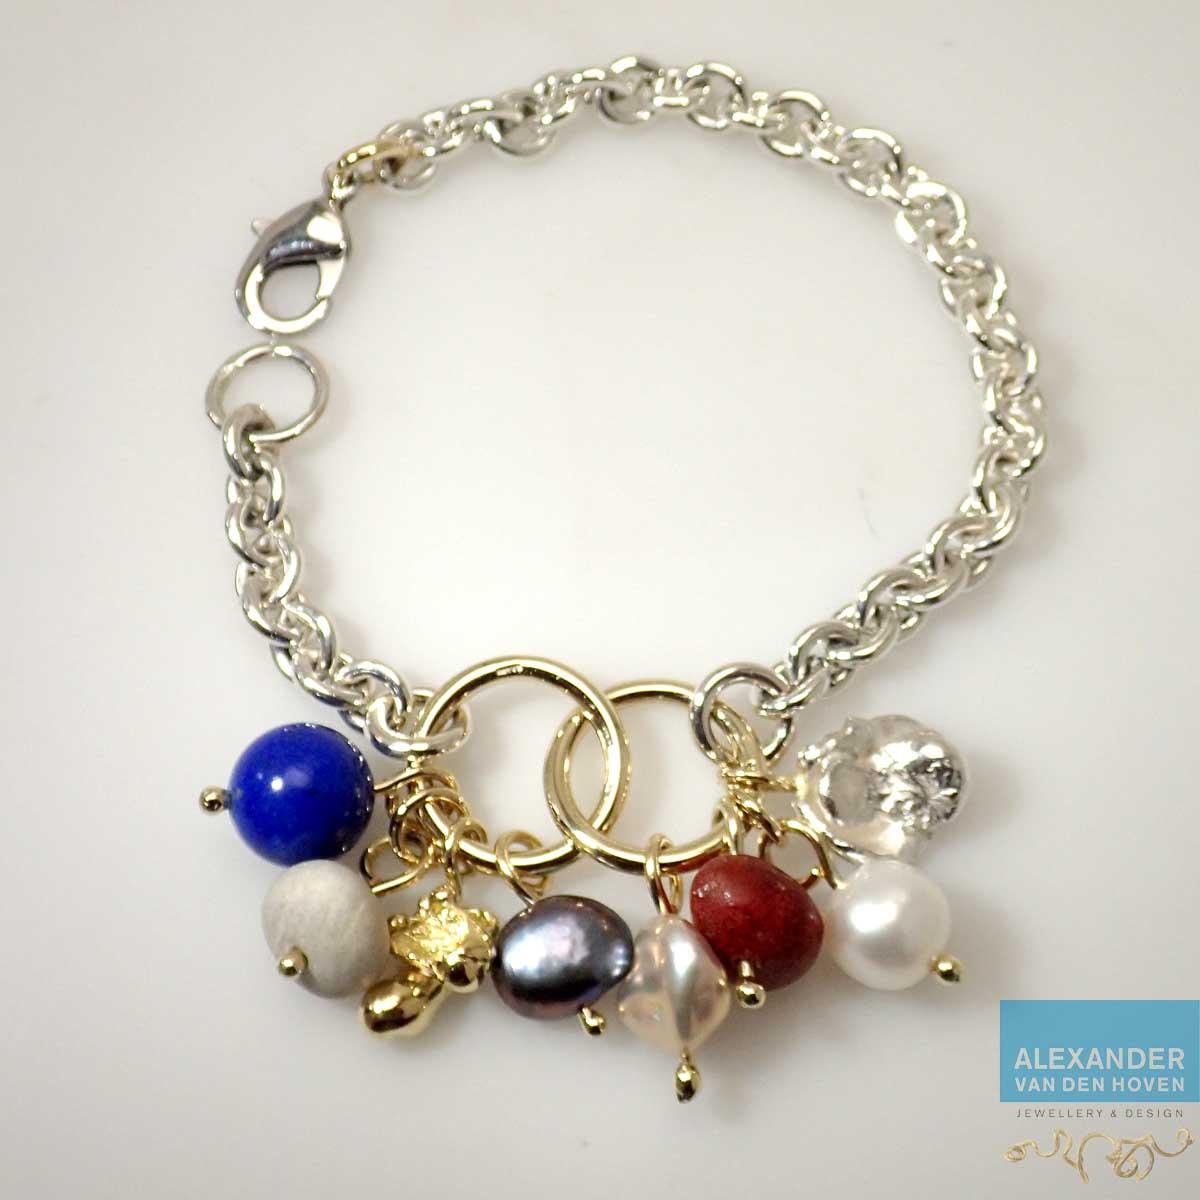 moderne-bedel-armband-parels-zilver